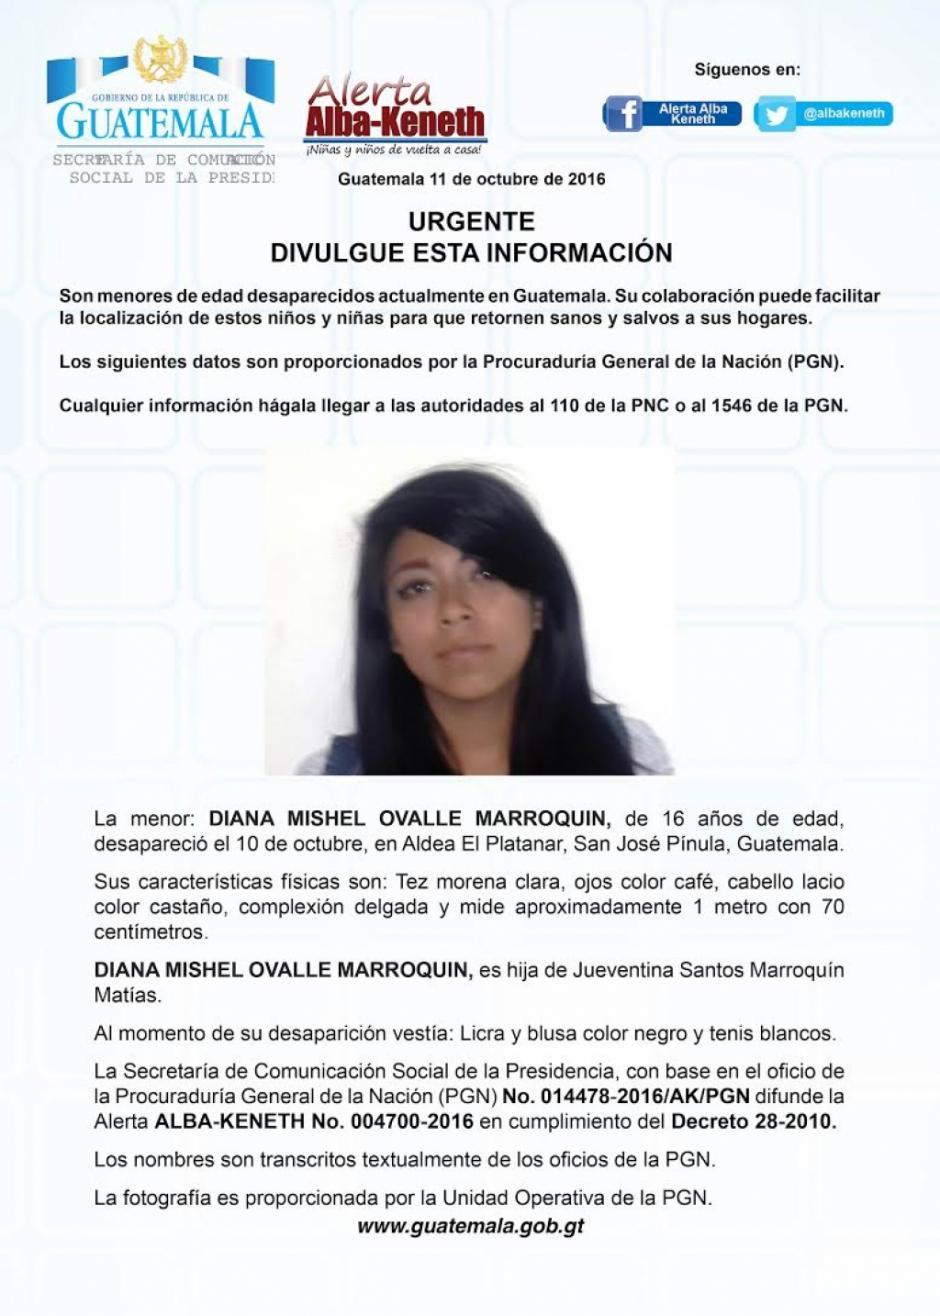 Diana Mishel Ovalle Marroquín es una de las adolescentes buscadas. (Imagen: Twitter/Alerta Alba Keneth)